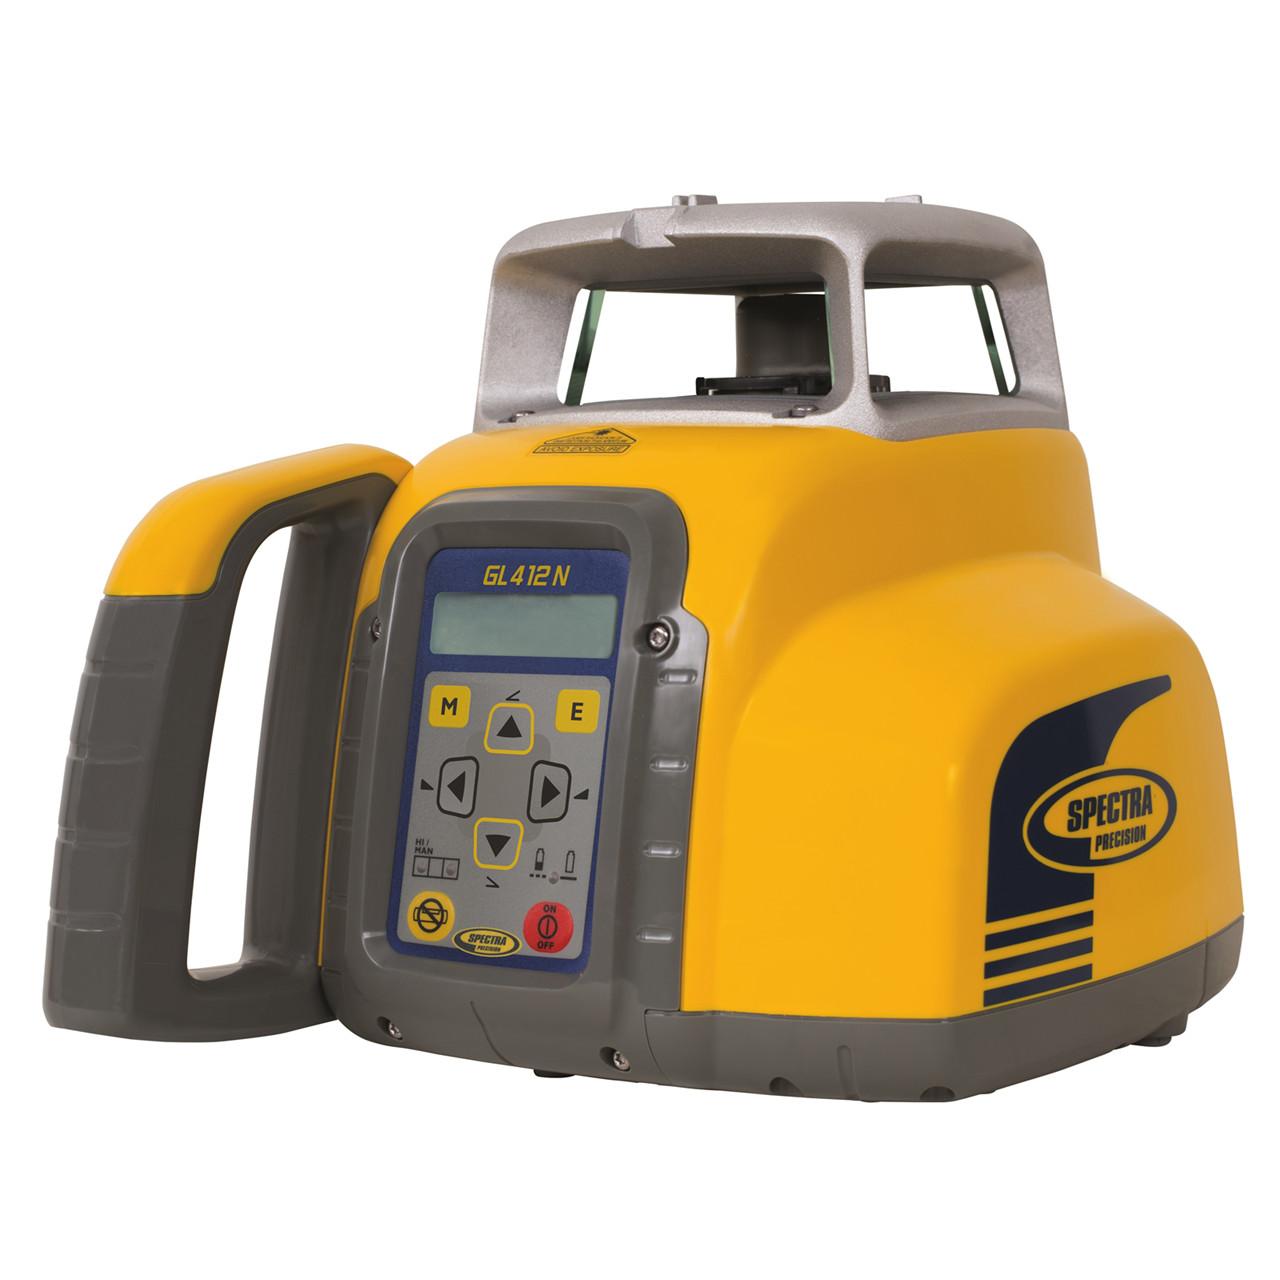 SPECTRA Rotationslaser GL412N med HL 760 modtager - Værktøj -> Laser og måleinstrumenter -> Laser -> Digitale rotationslaser|Værktøj -> Laser og måleinstrumenter -> Laser -> Cirkellaser|Værktøj -> Laser og måleinstrumenter -> Laser|Værktøj -> Laser og måleinstrumenter|Mærker ->